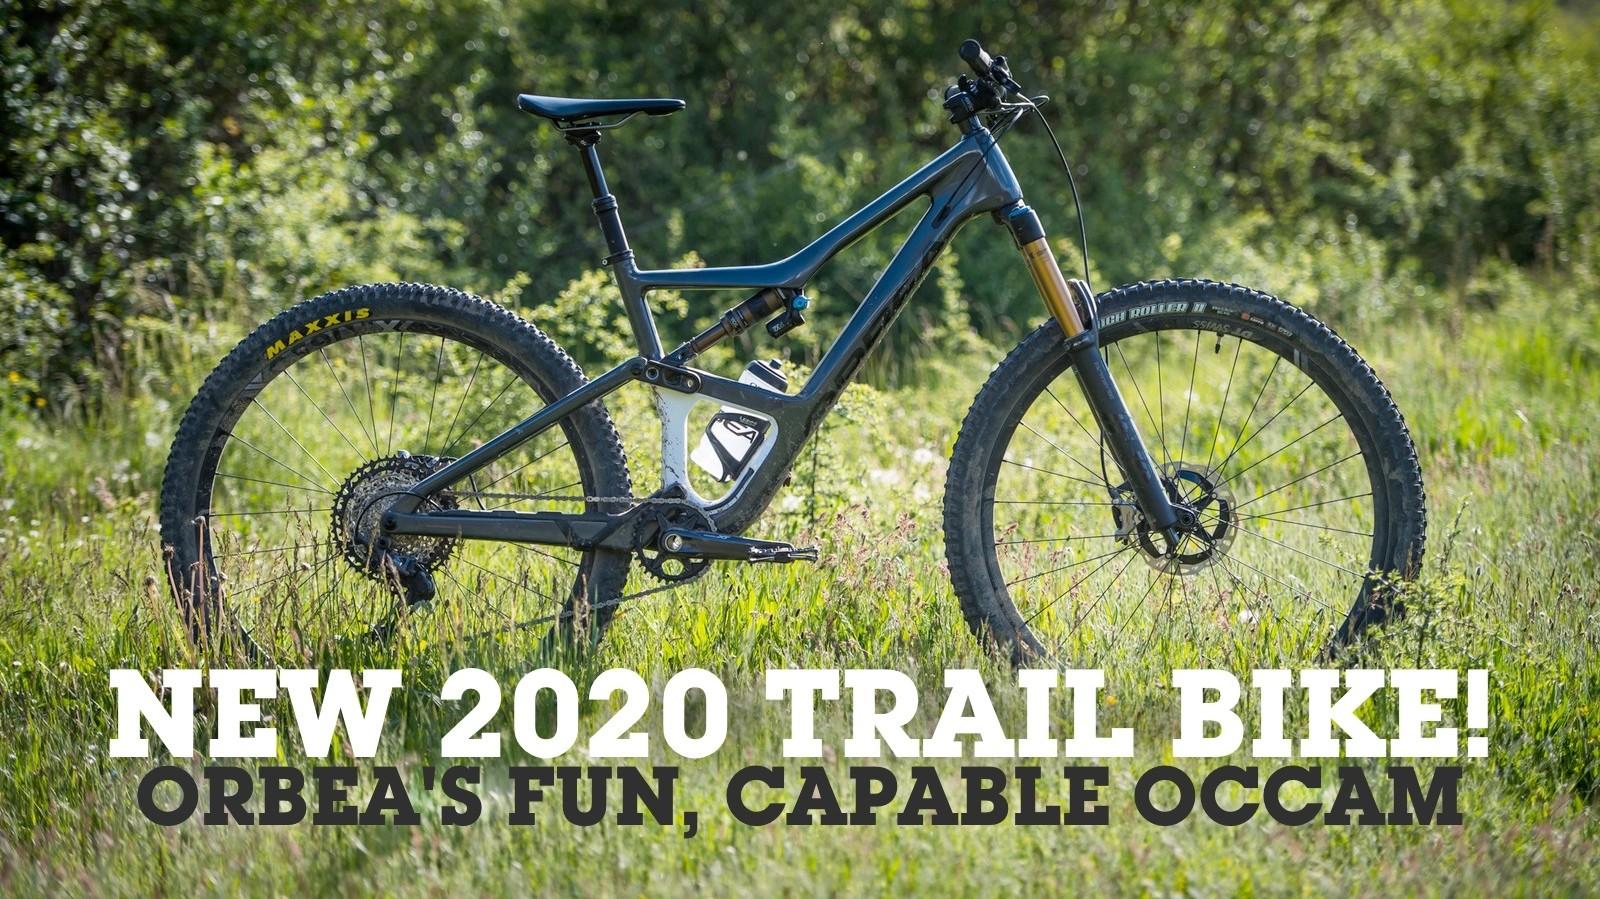 New 2020 Trail Bike - Orbea's Fun, Capable Occam